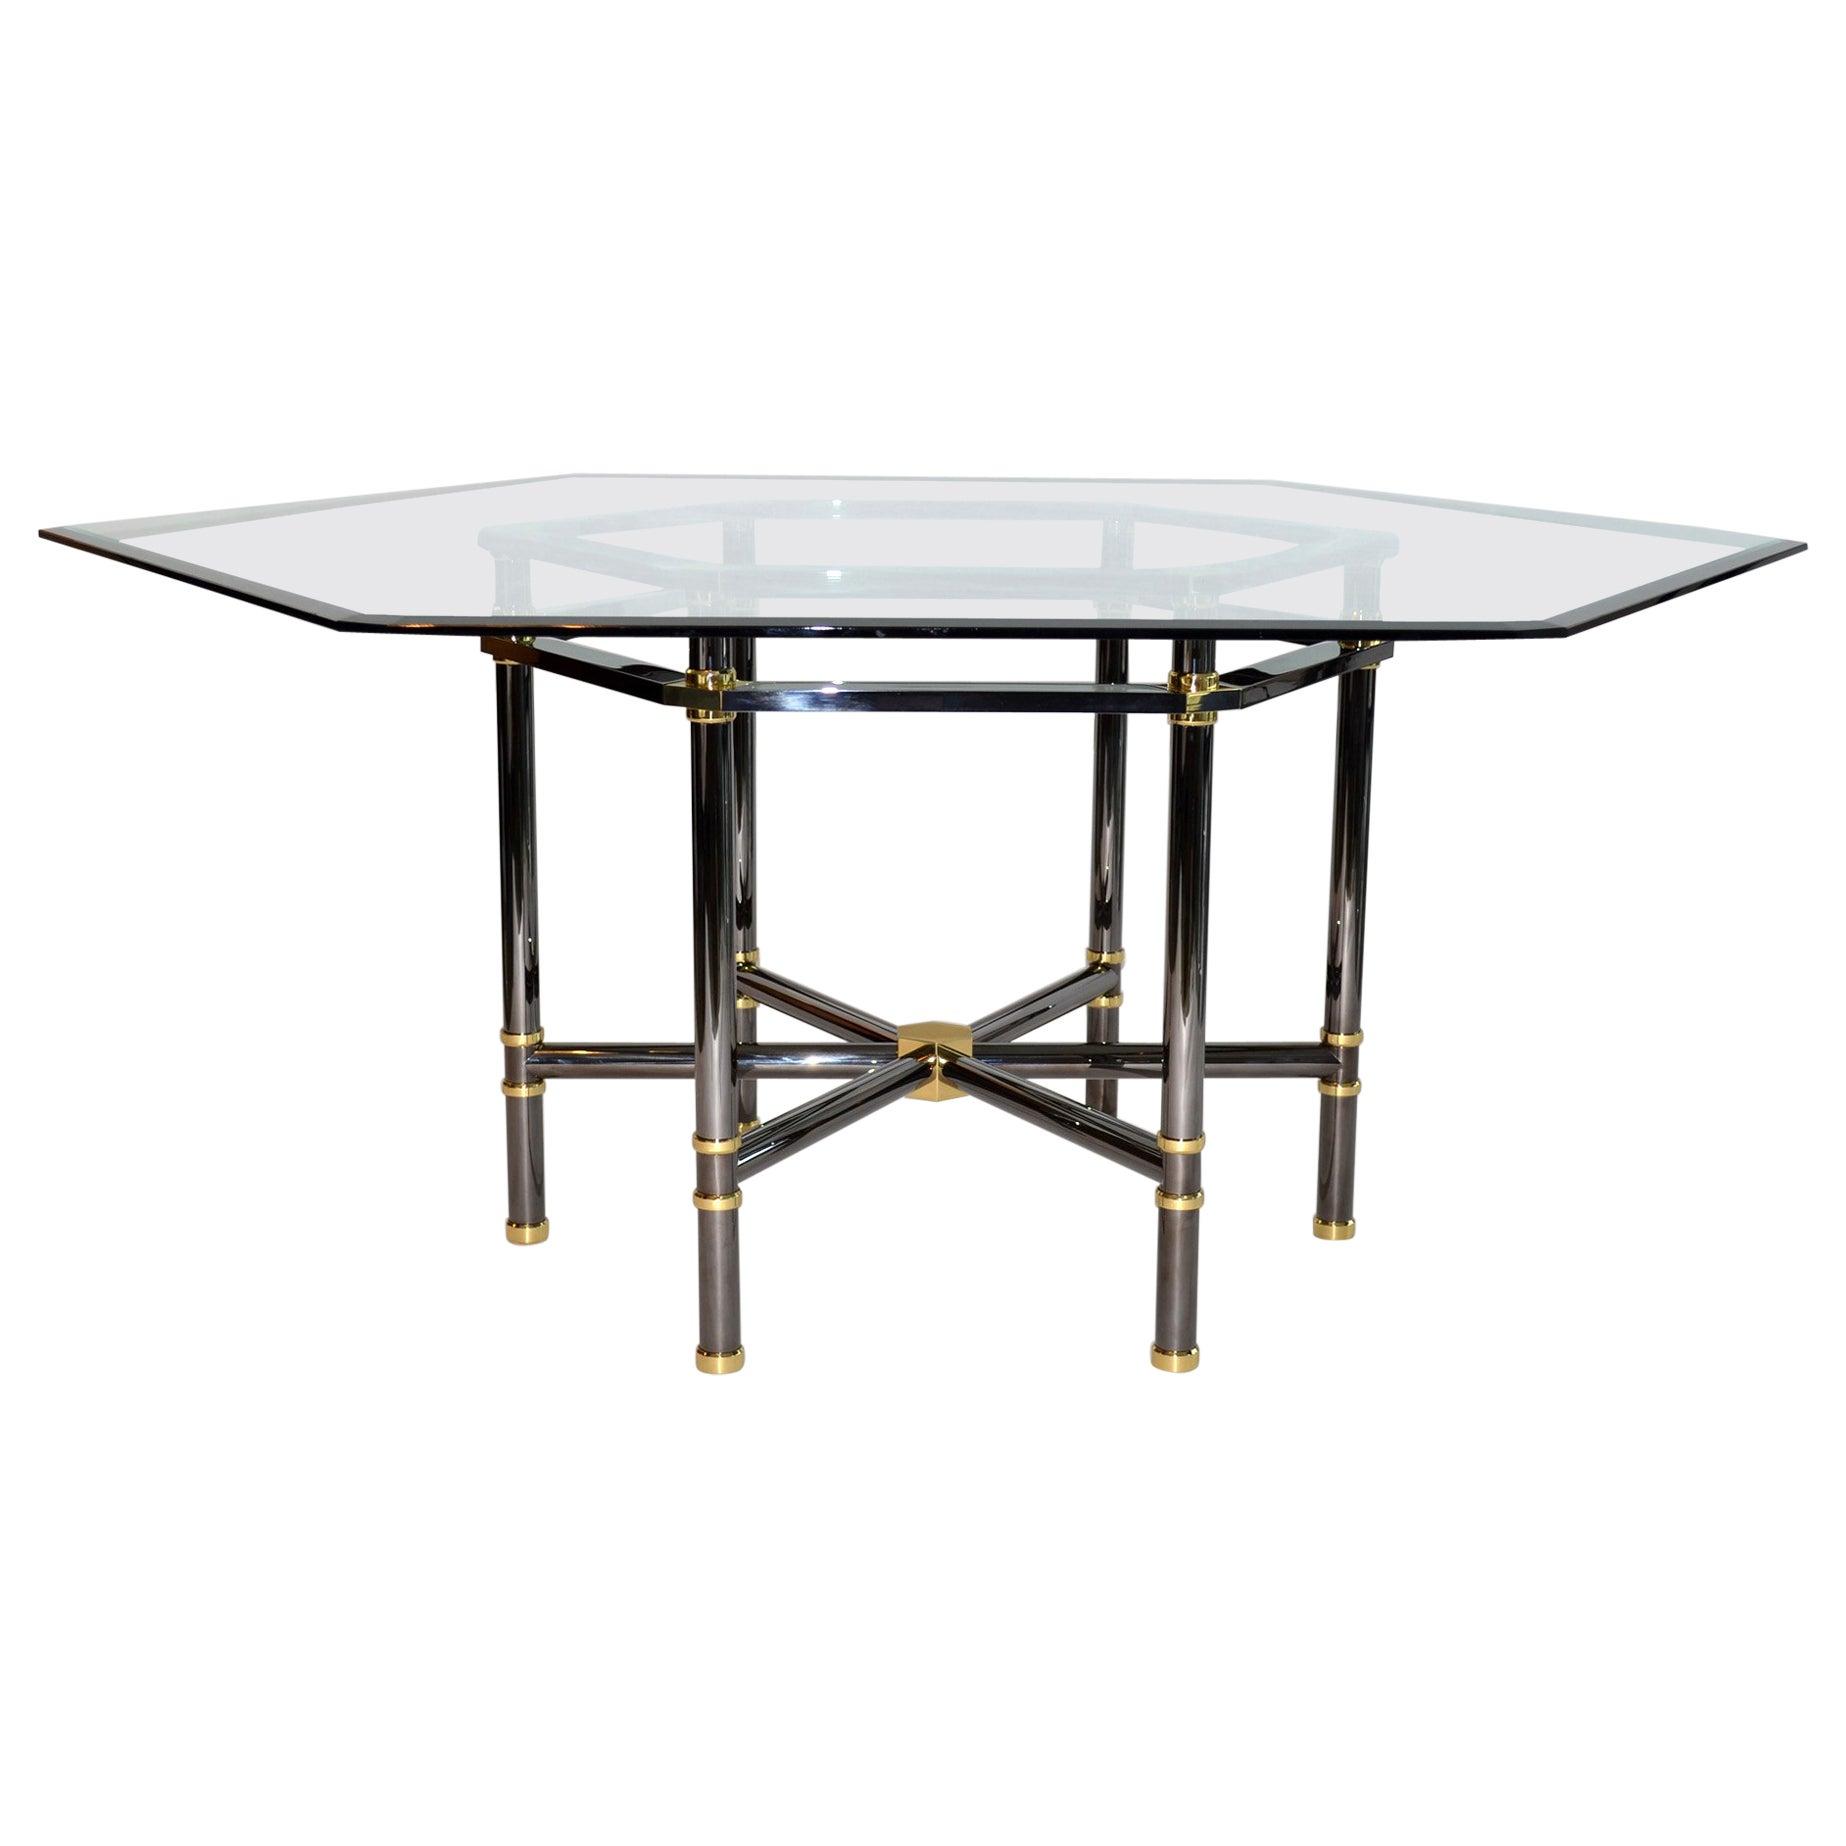 Karl Springer Jansen Style Dining Table